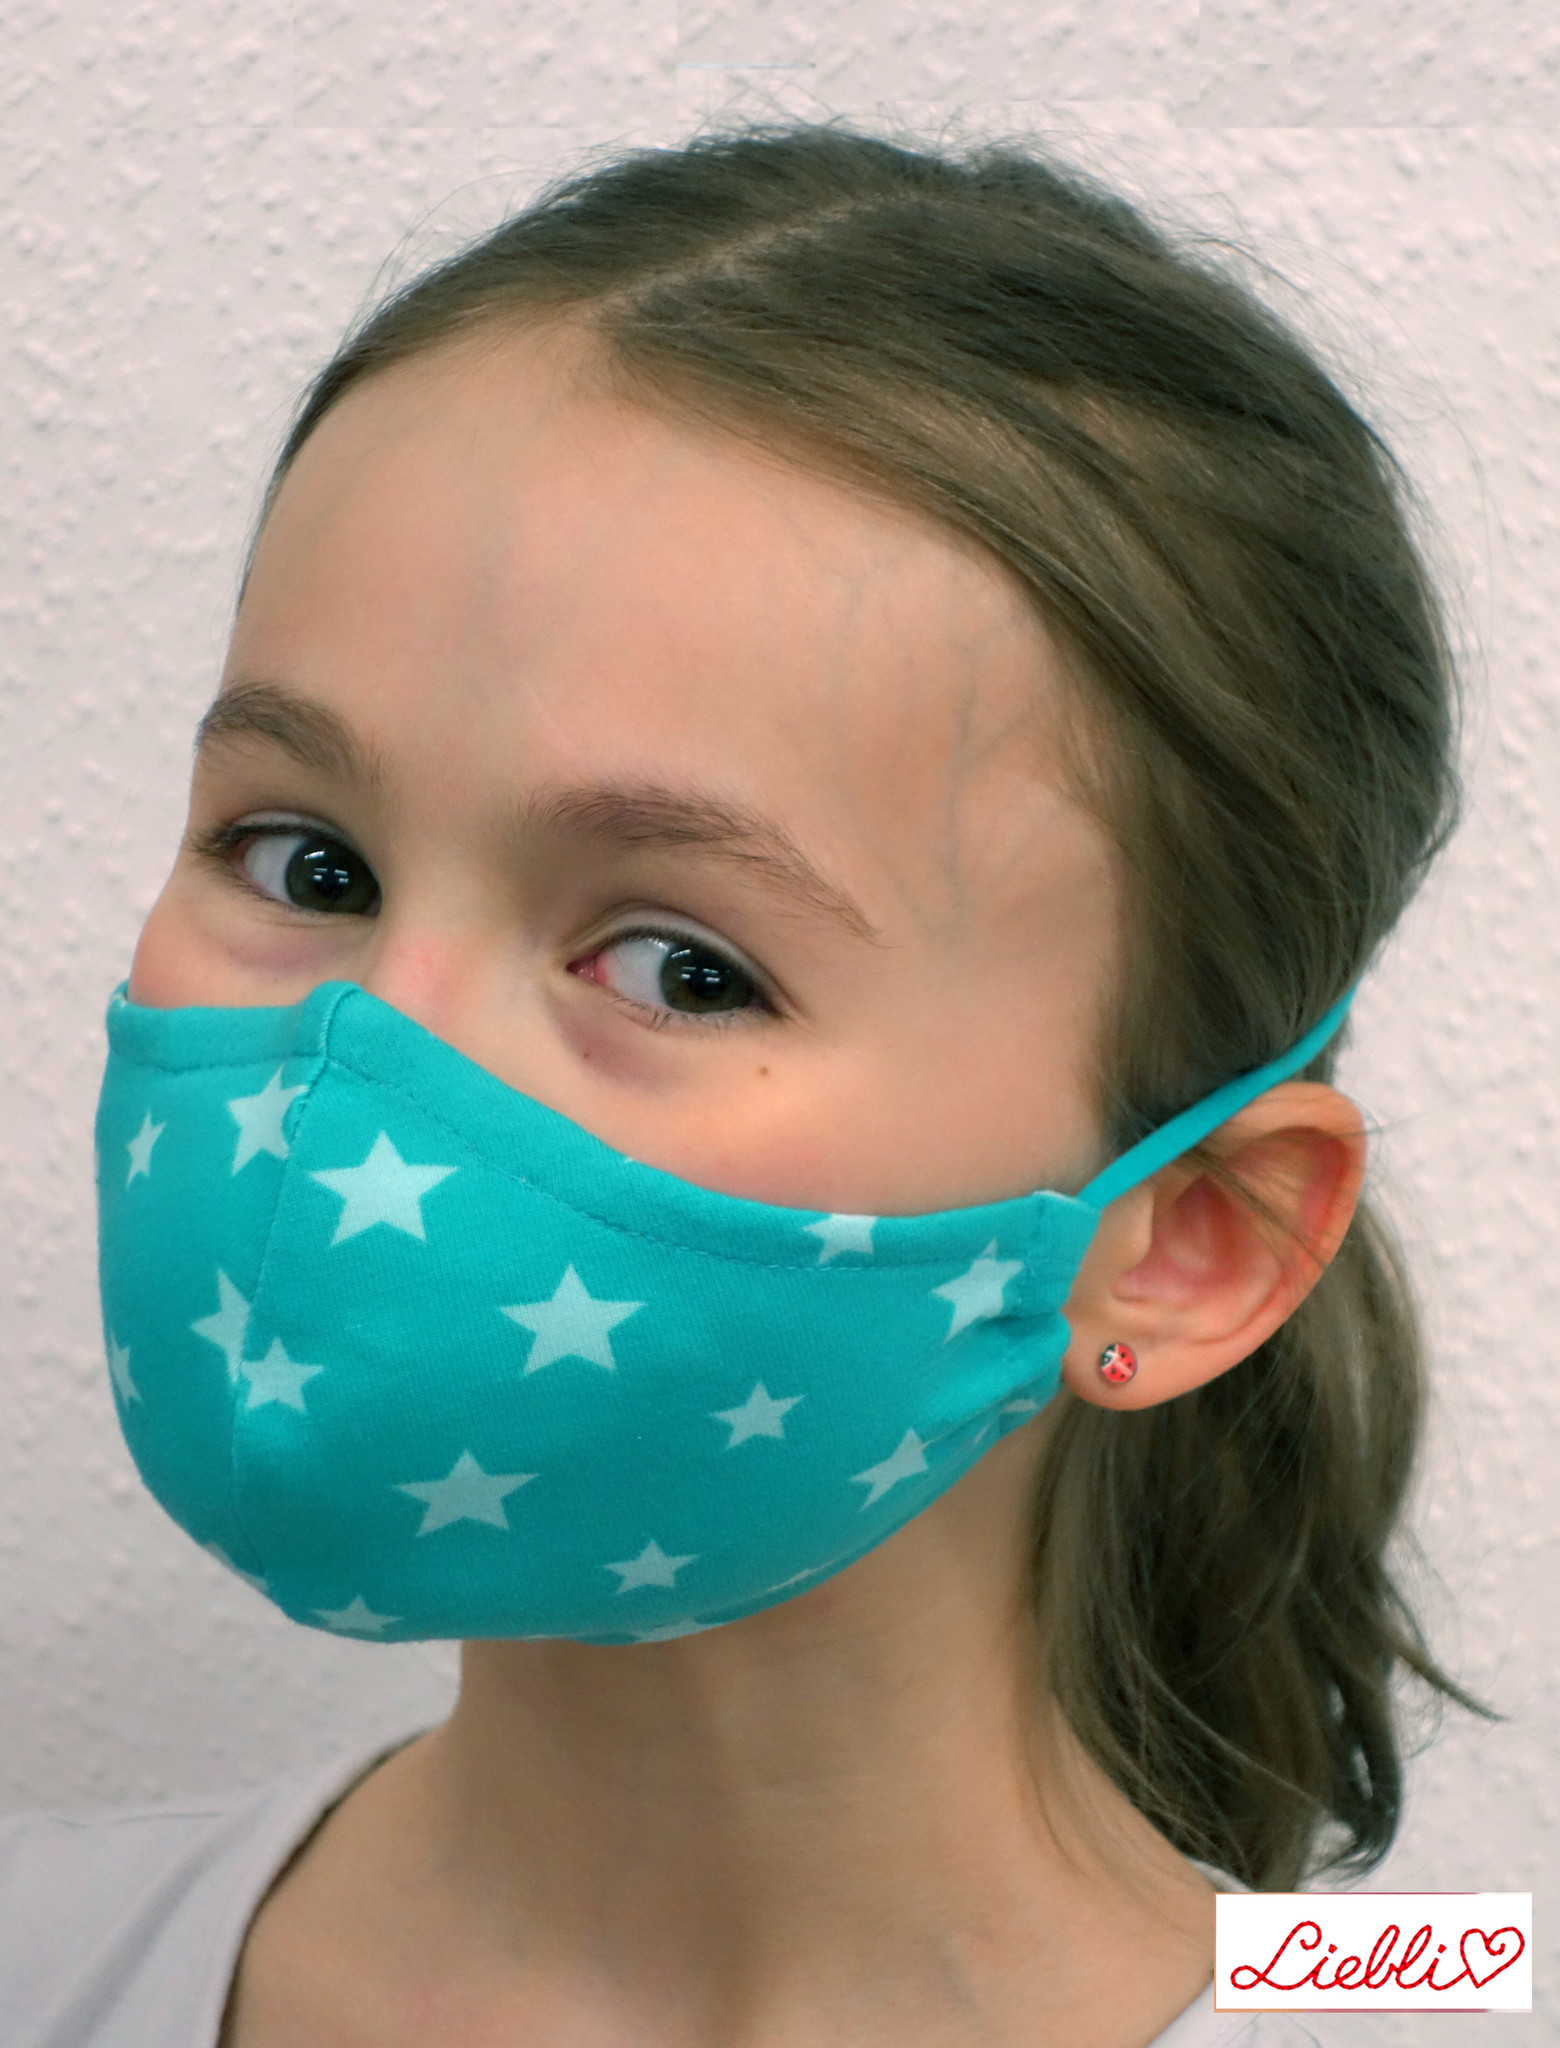 Kindermaske, Kinder Mundschutz, Mund-Nasen-Maske Sterne türkis (auch für Erwachsene)